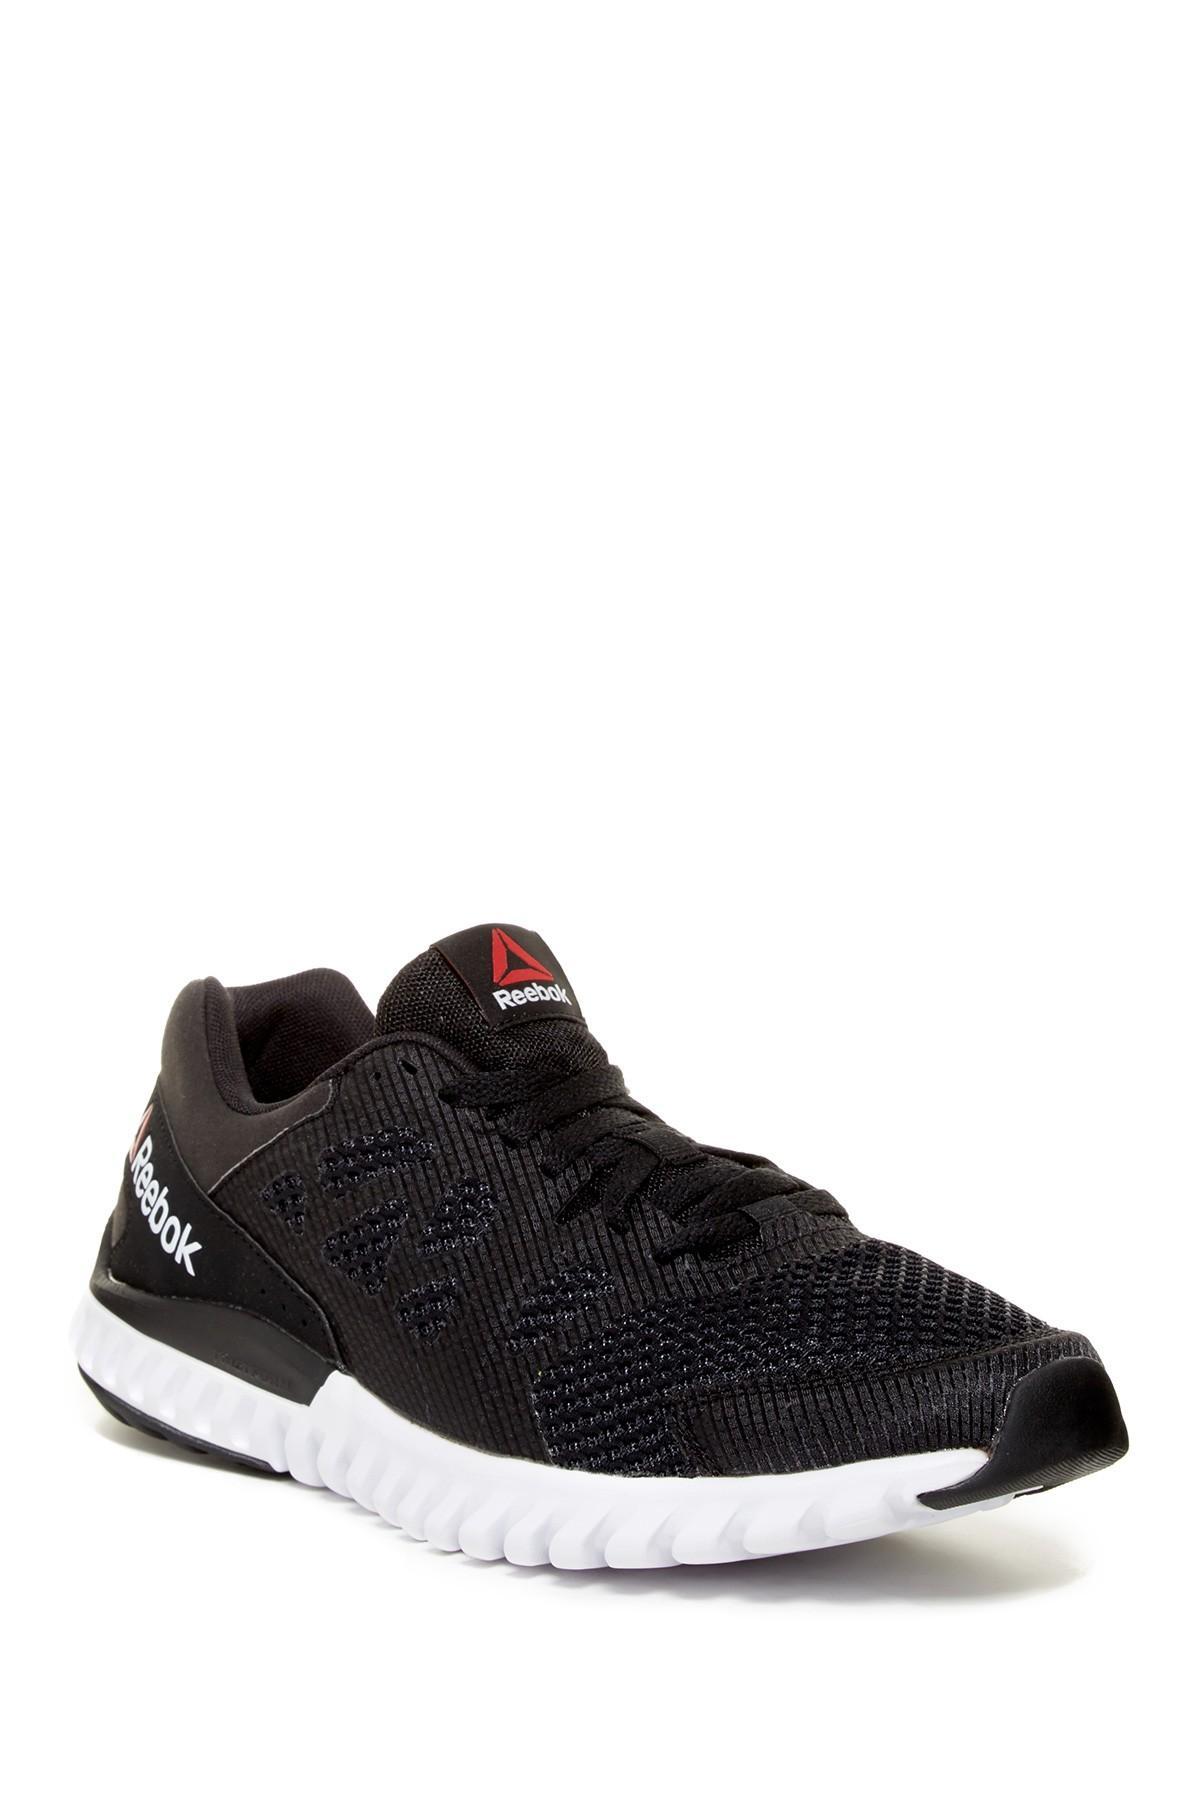 e29d756faf6 Lyst - Reebok Twistform Blaze 2.0 Running Shoe (men) in Black for Men